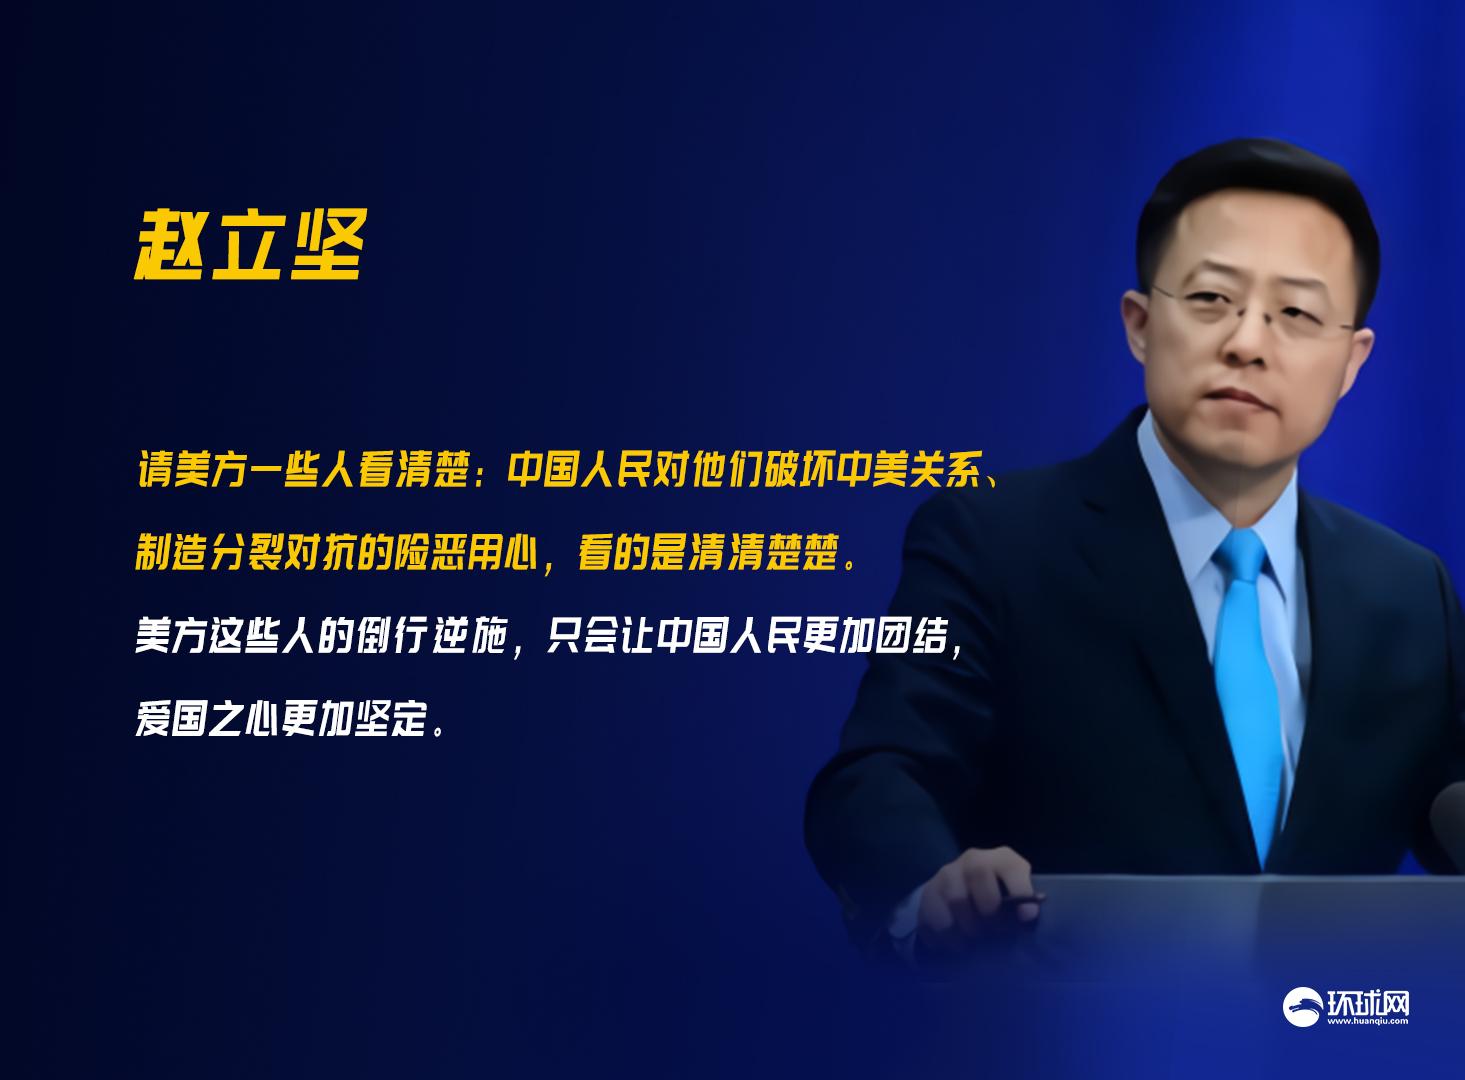 【google优化】_调查显示超97%网友支持中国反制美国 外交部:建议美方看一看